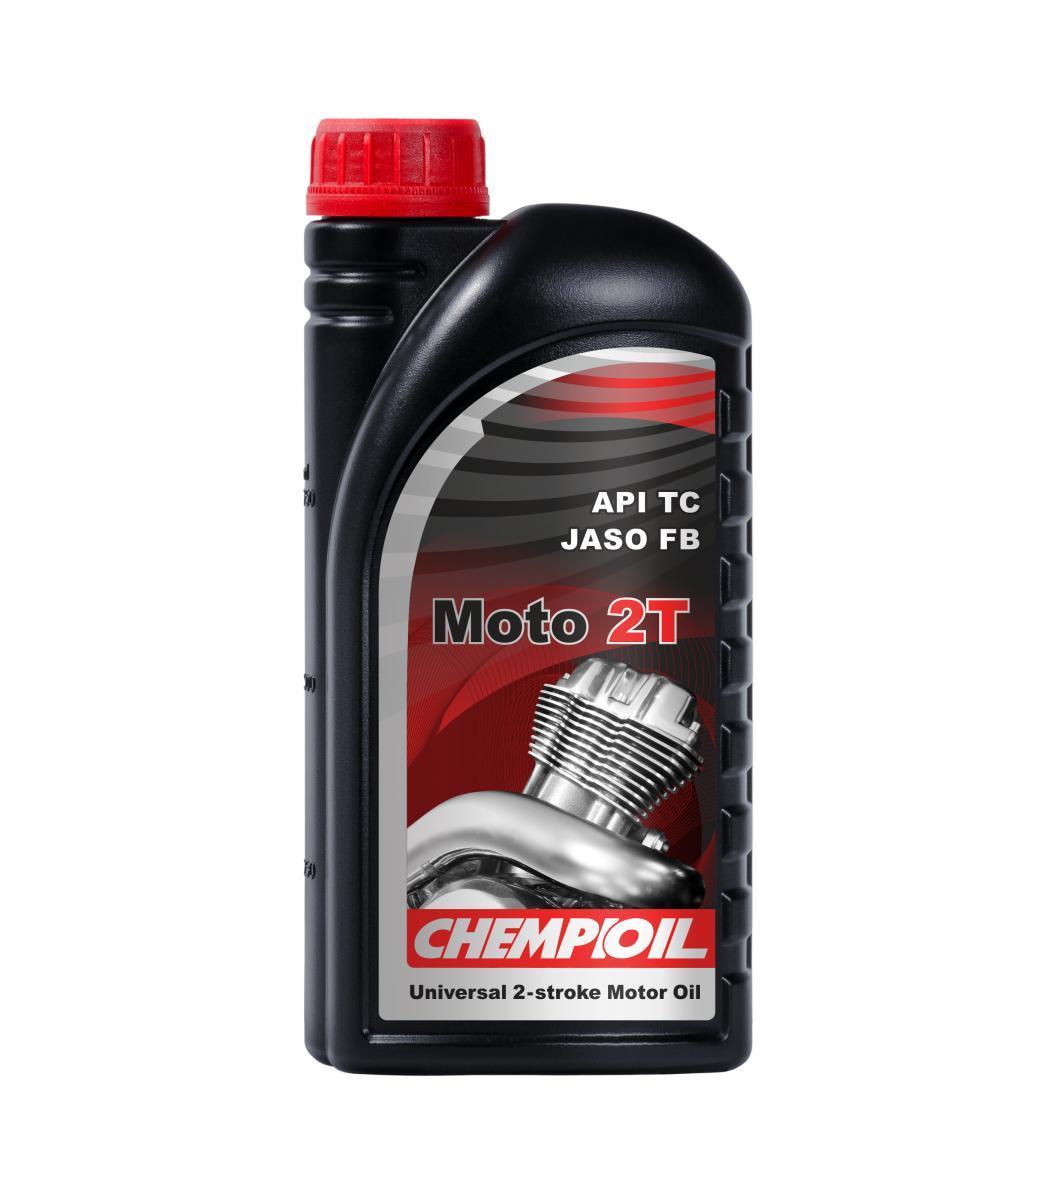 Olej silnikowy CH9201-1 w niskiej cenie — kupić teraz!